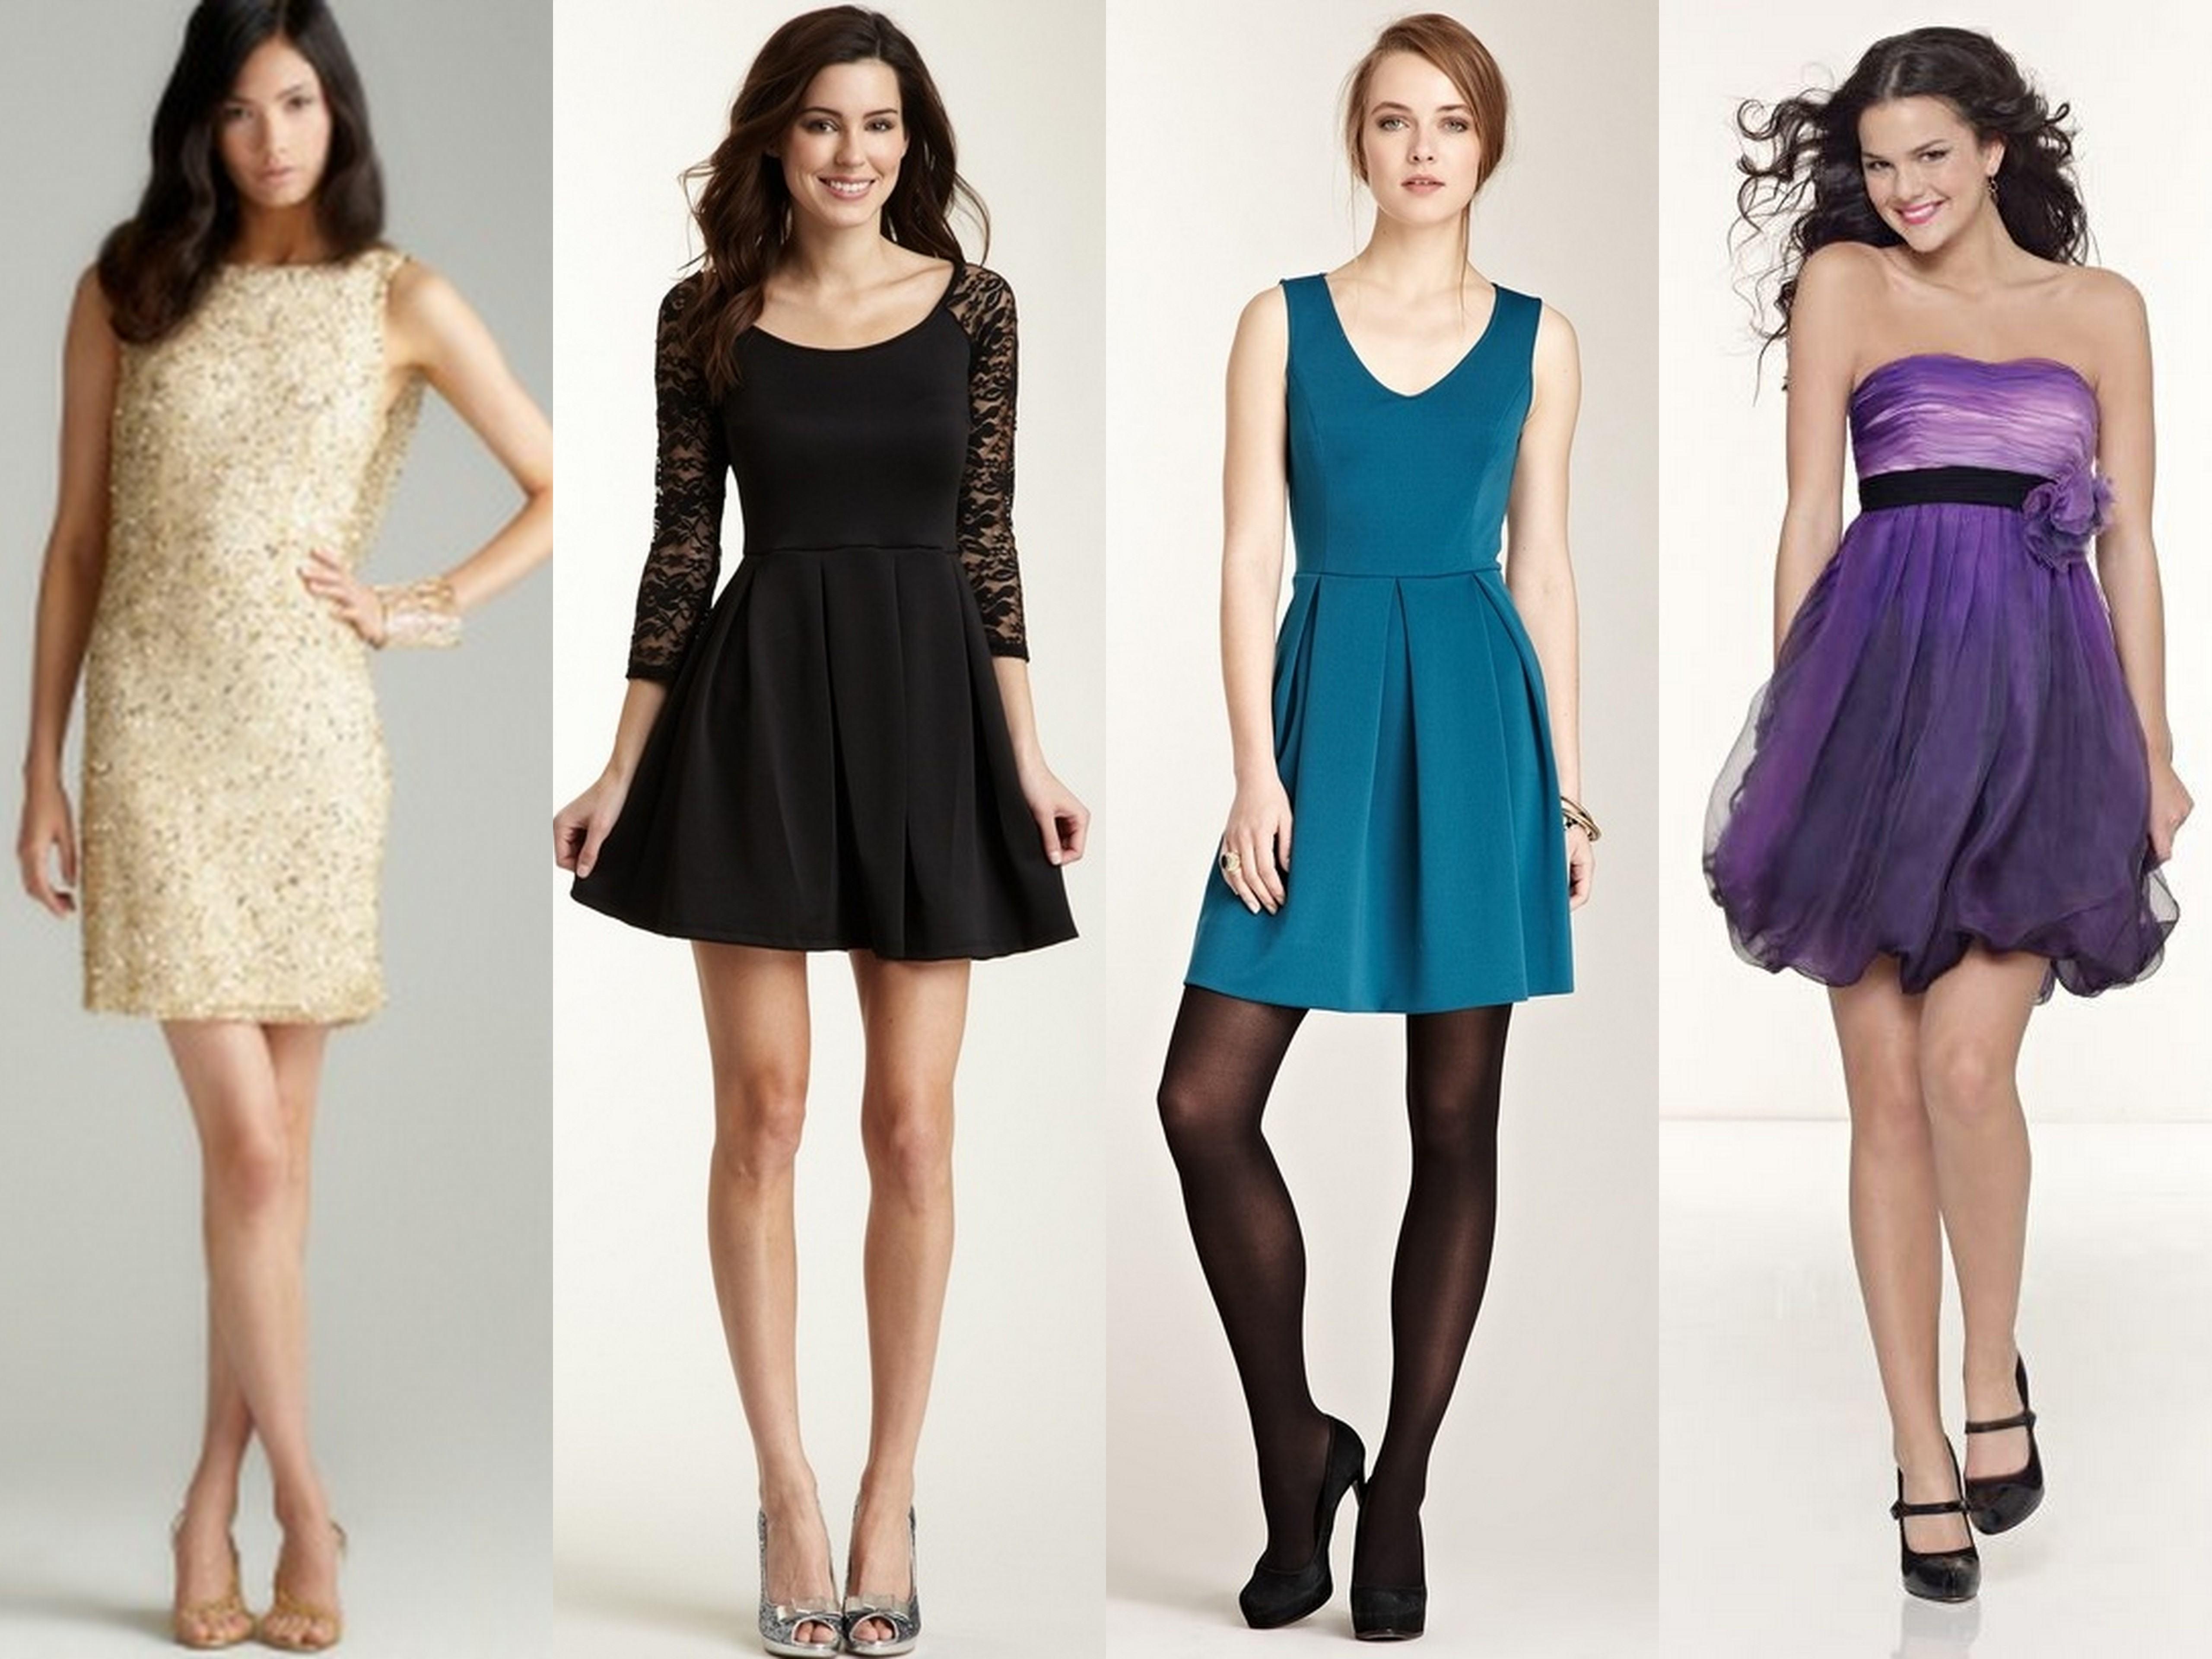 vestido4 Vestidos para Formatura Curtos – Fotos